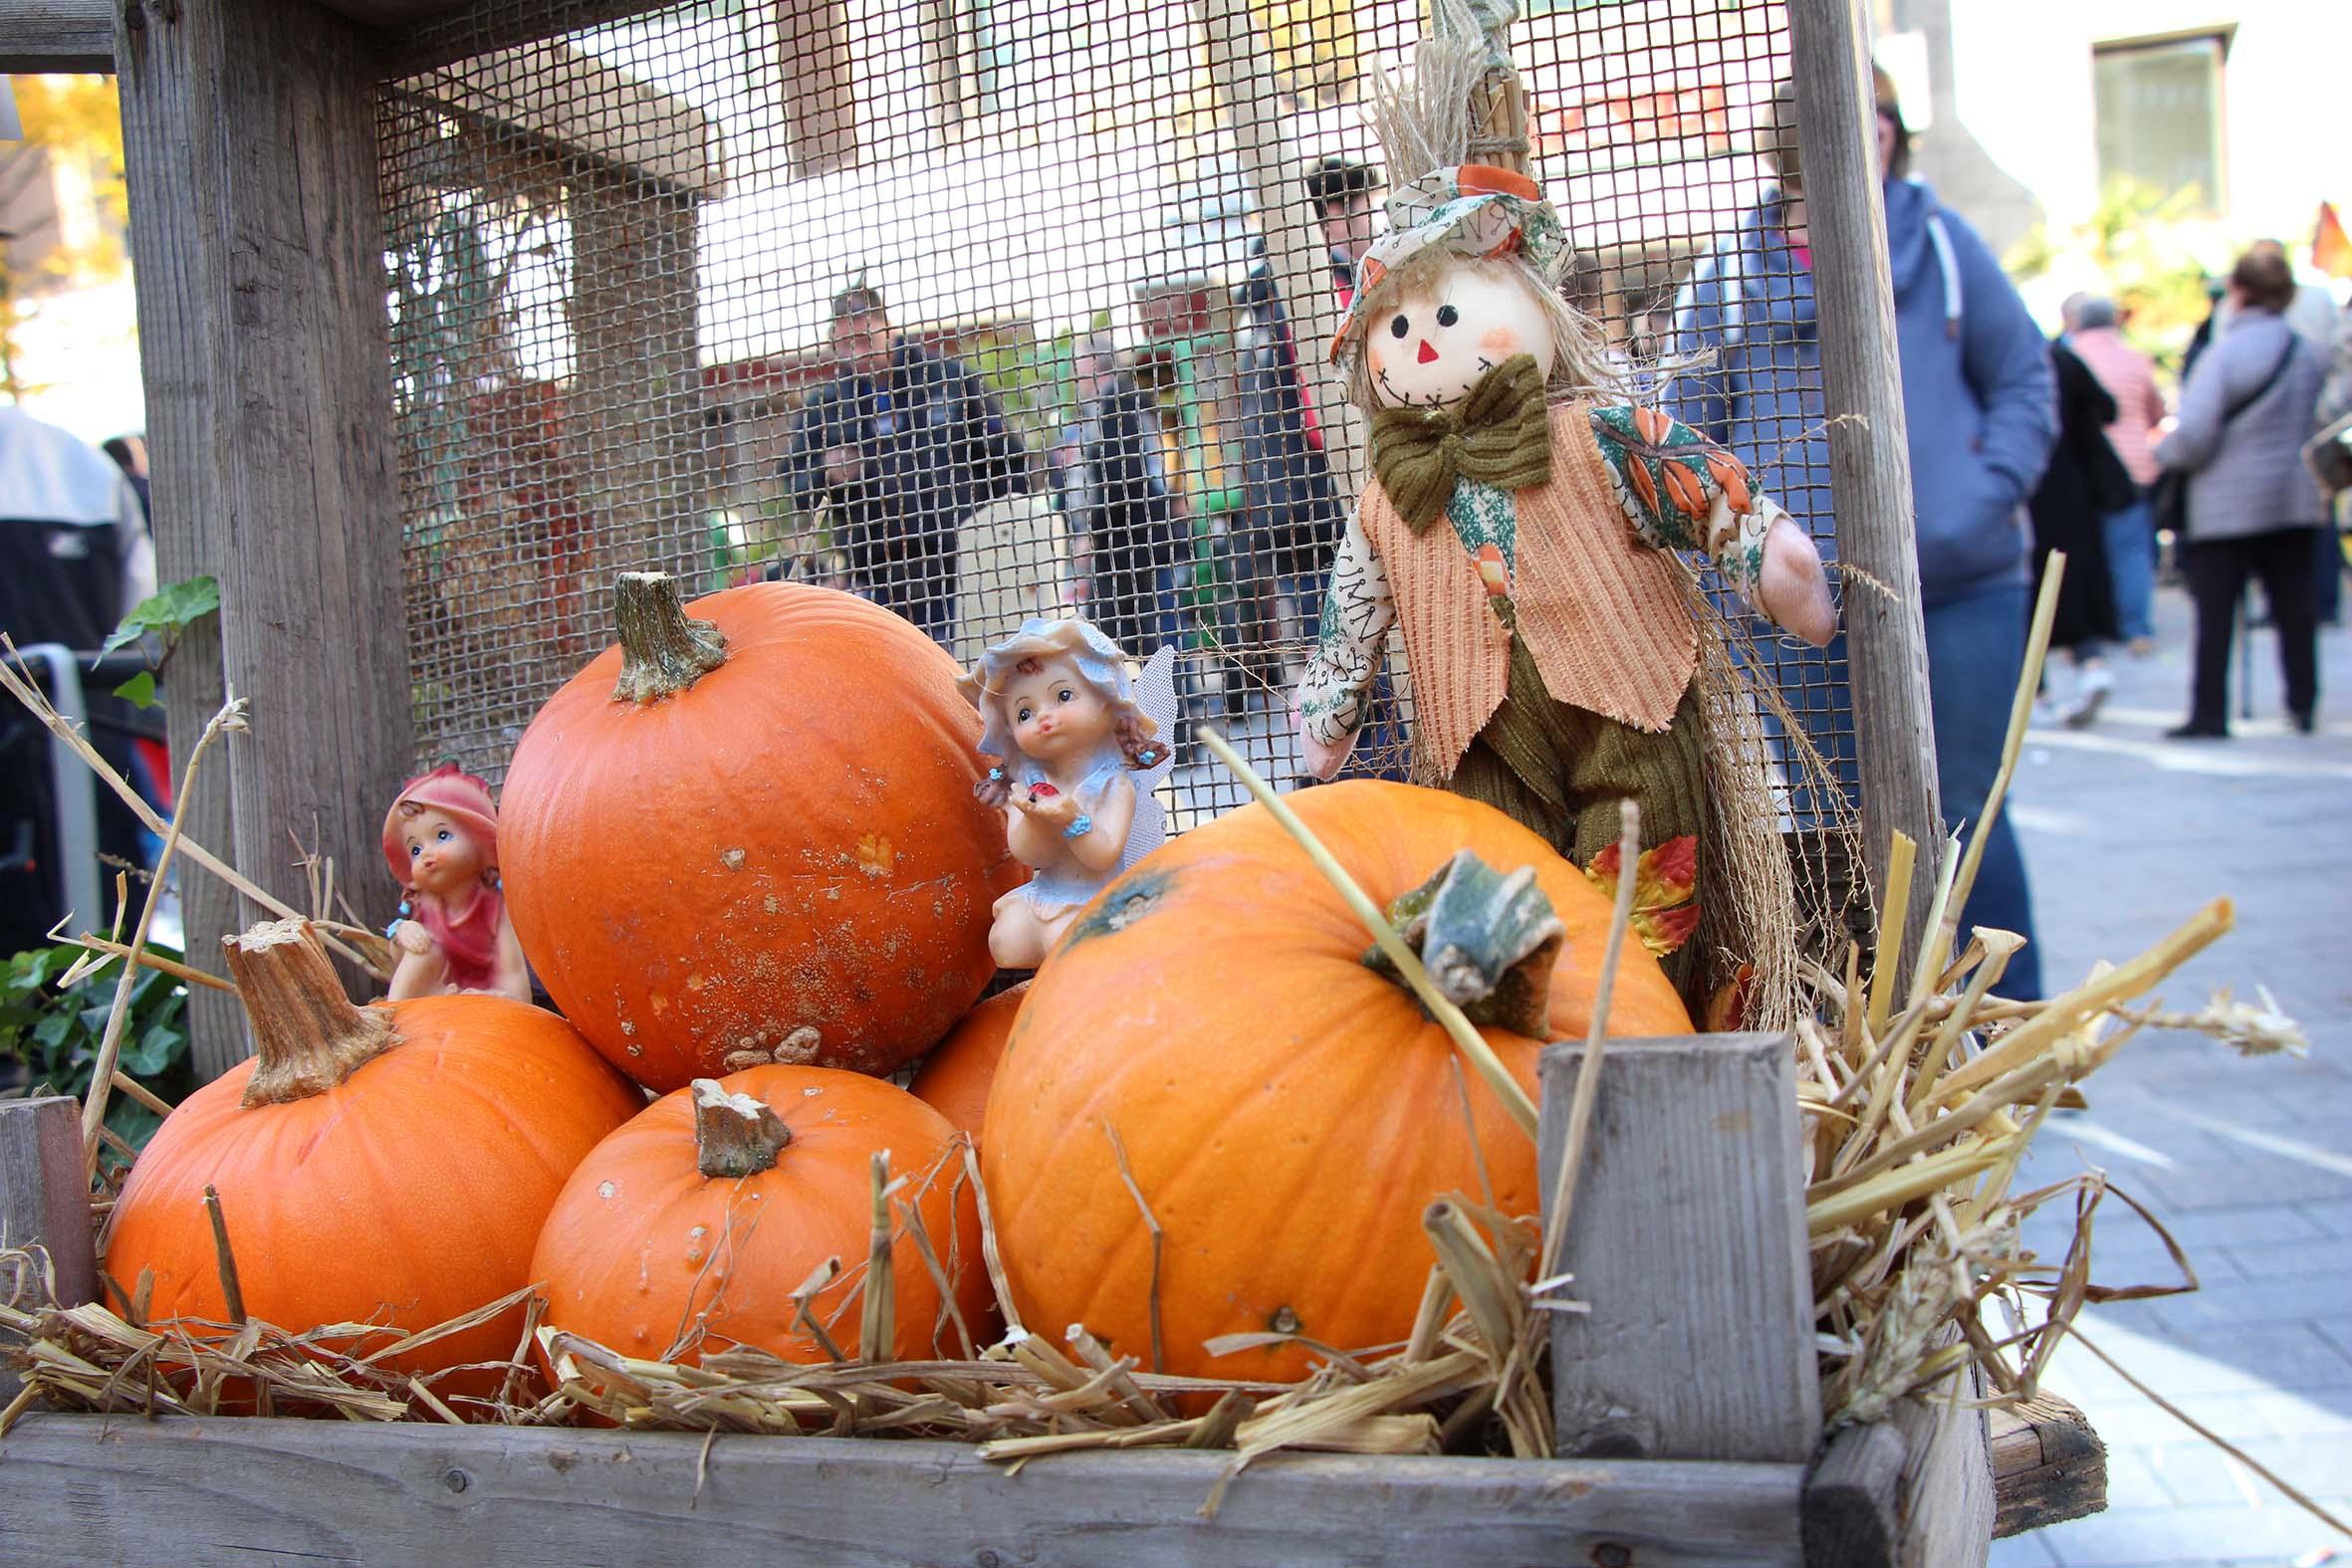 In der Gelsenkirchener City findet am Samstag und Sonntag, 16. und 17. Oktober, ein Bauernmarkt statt. Das erwartet die Besucherinnen und Besucher.